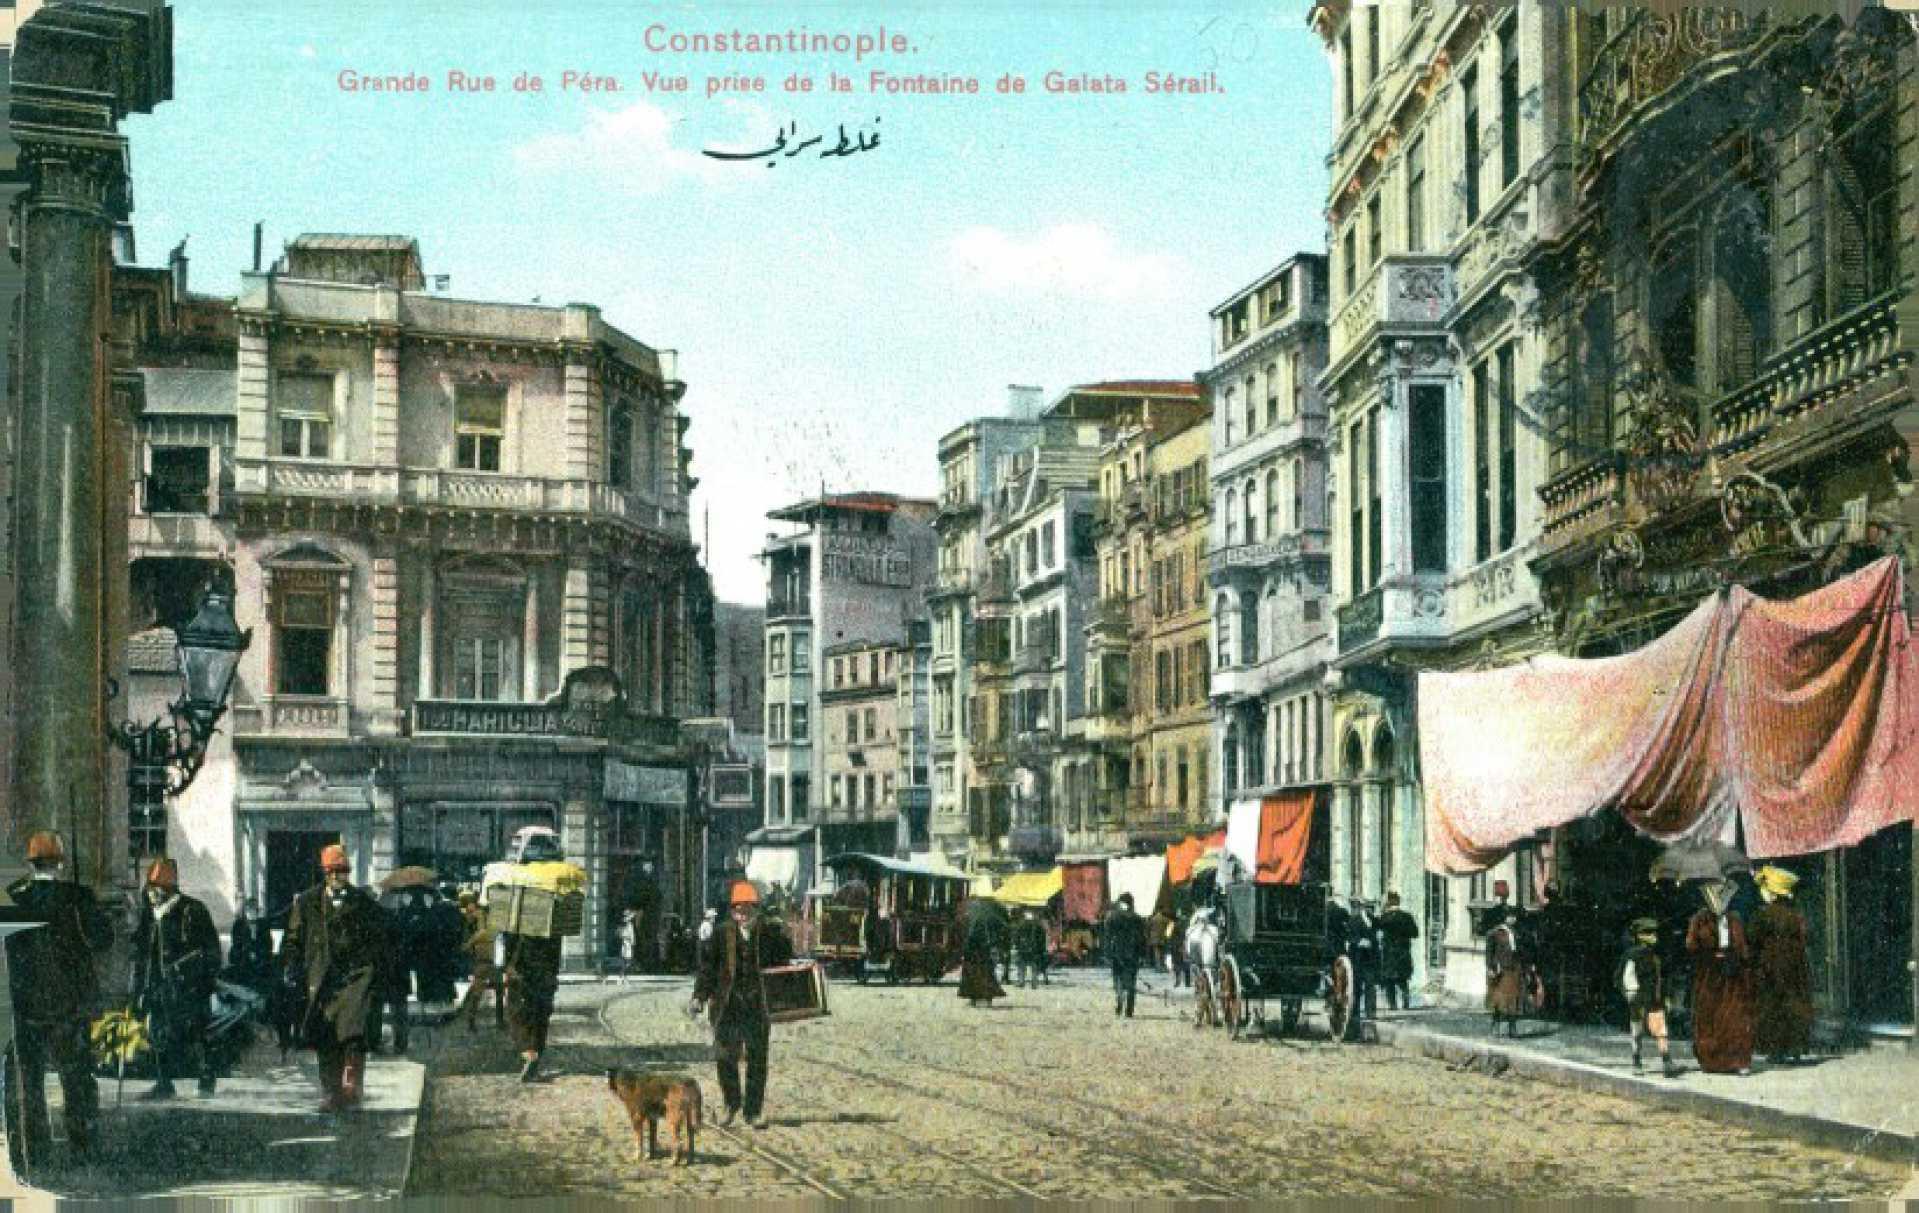 Constantinople. Grand Rue de Pera. Vue prise de la Fontaine de Galata Serail